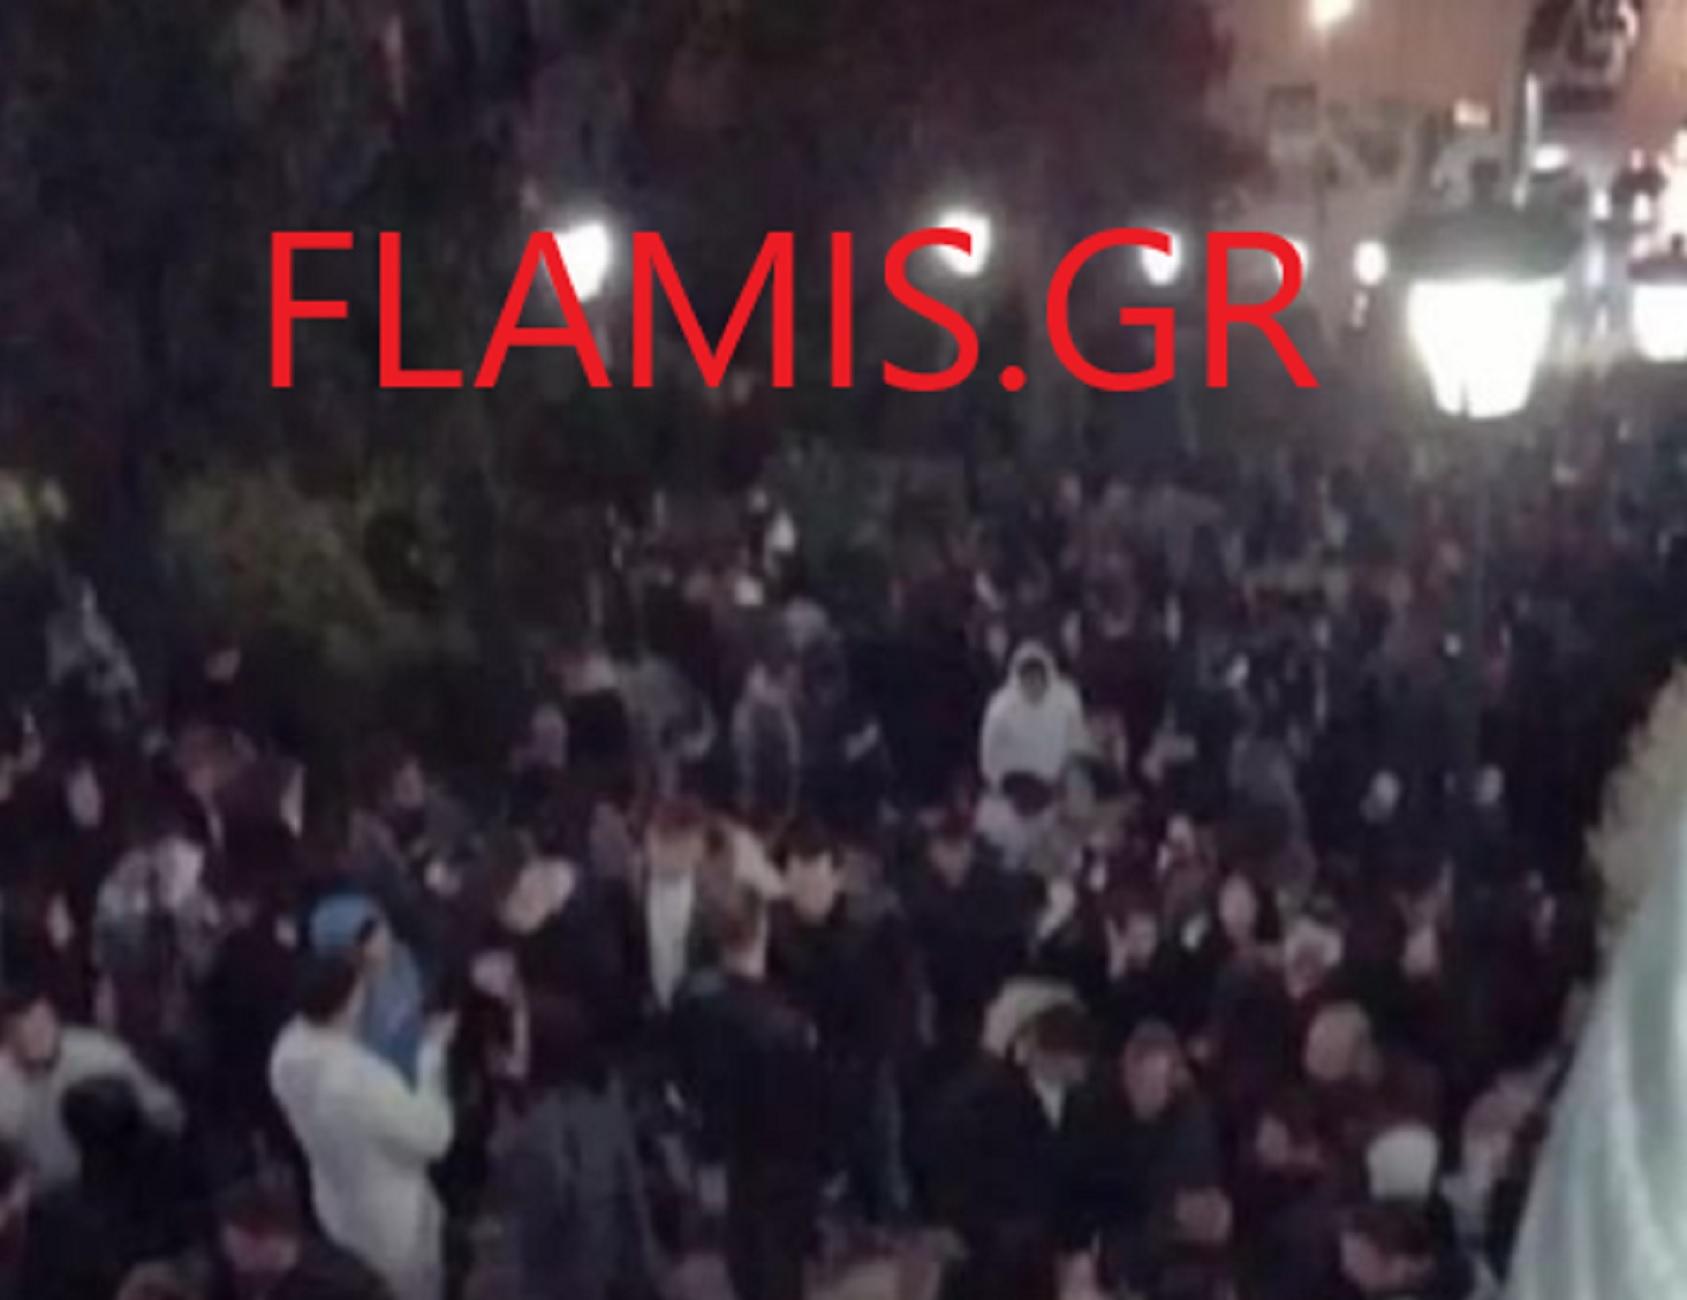 Πάτρα: Κορονοπάρτι με εκατοντάδες άτομα άναψε φωτιές – Ξεσηκωμός εμπόρων για αυτές τις εικόνες (pics)